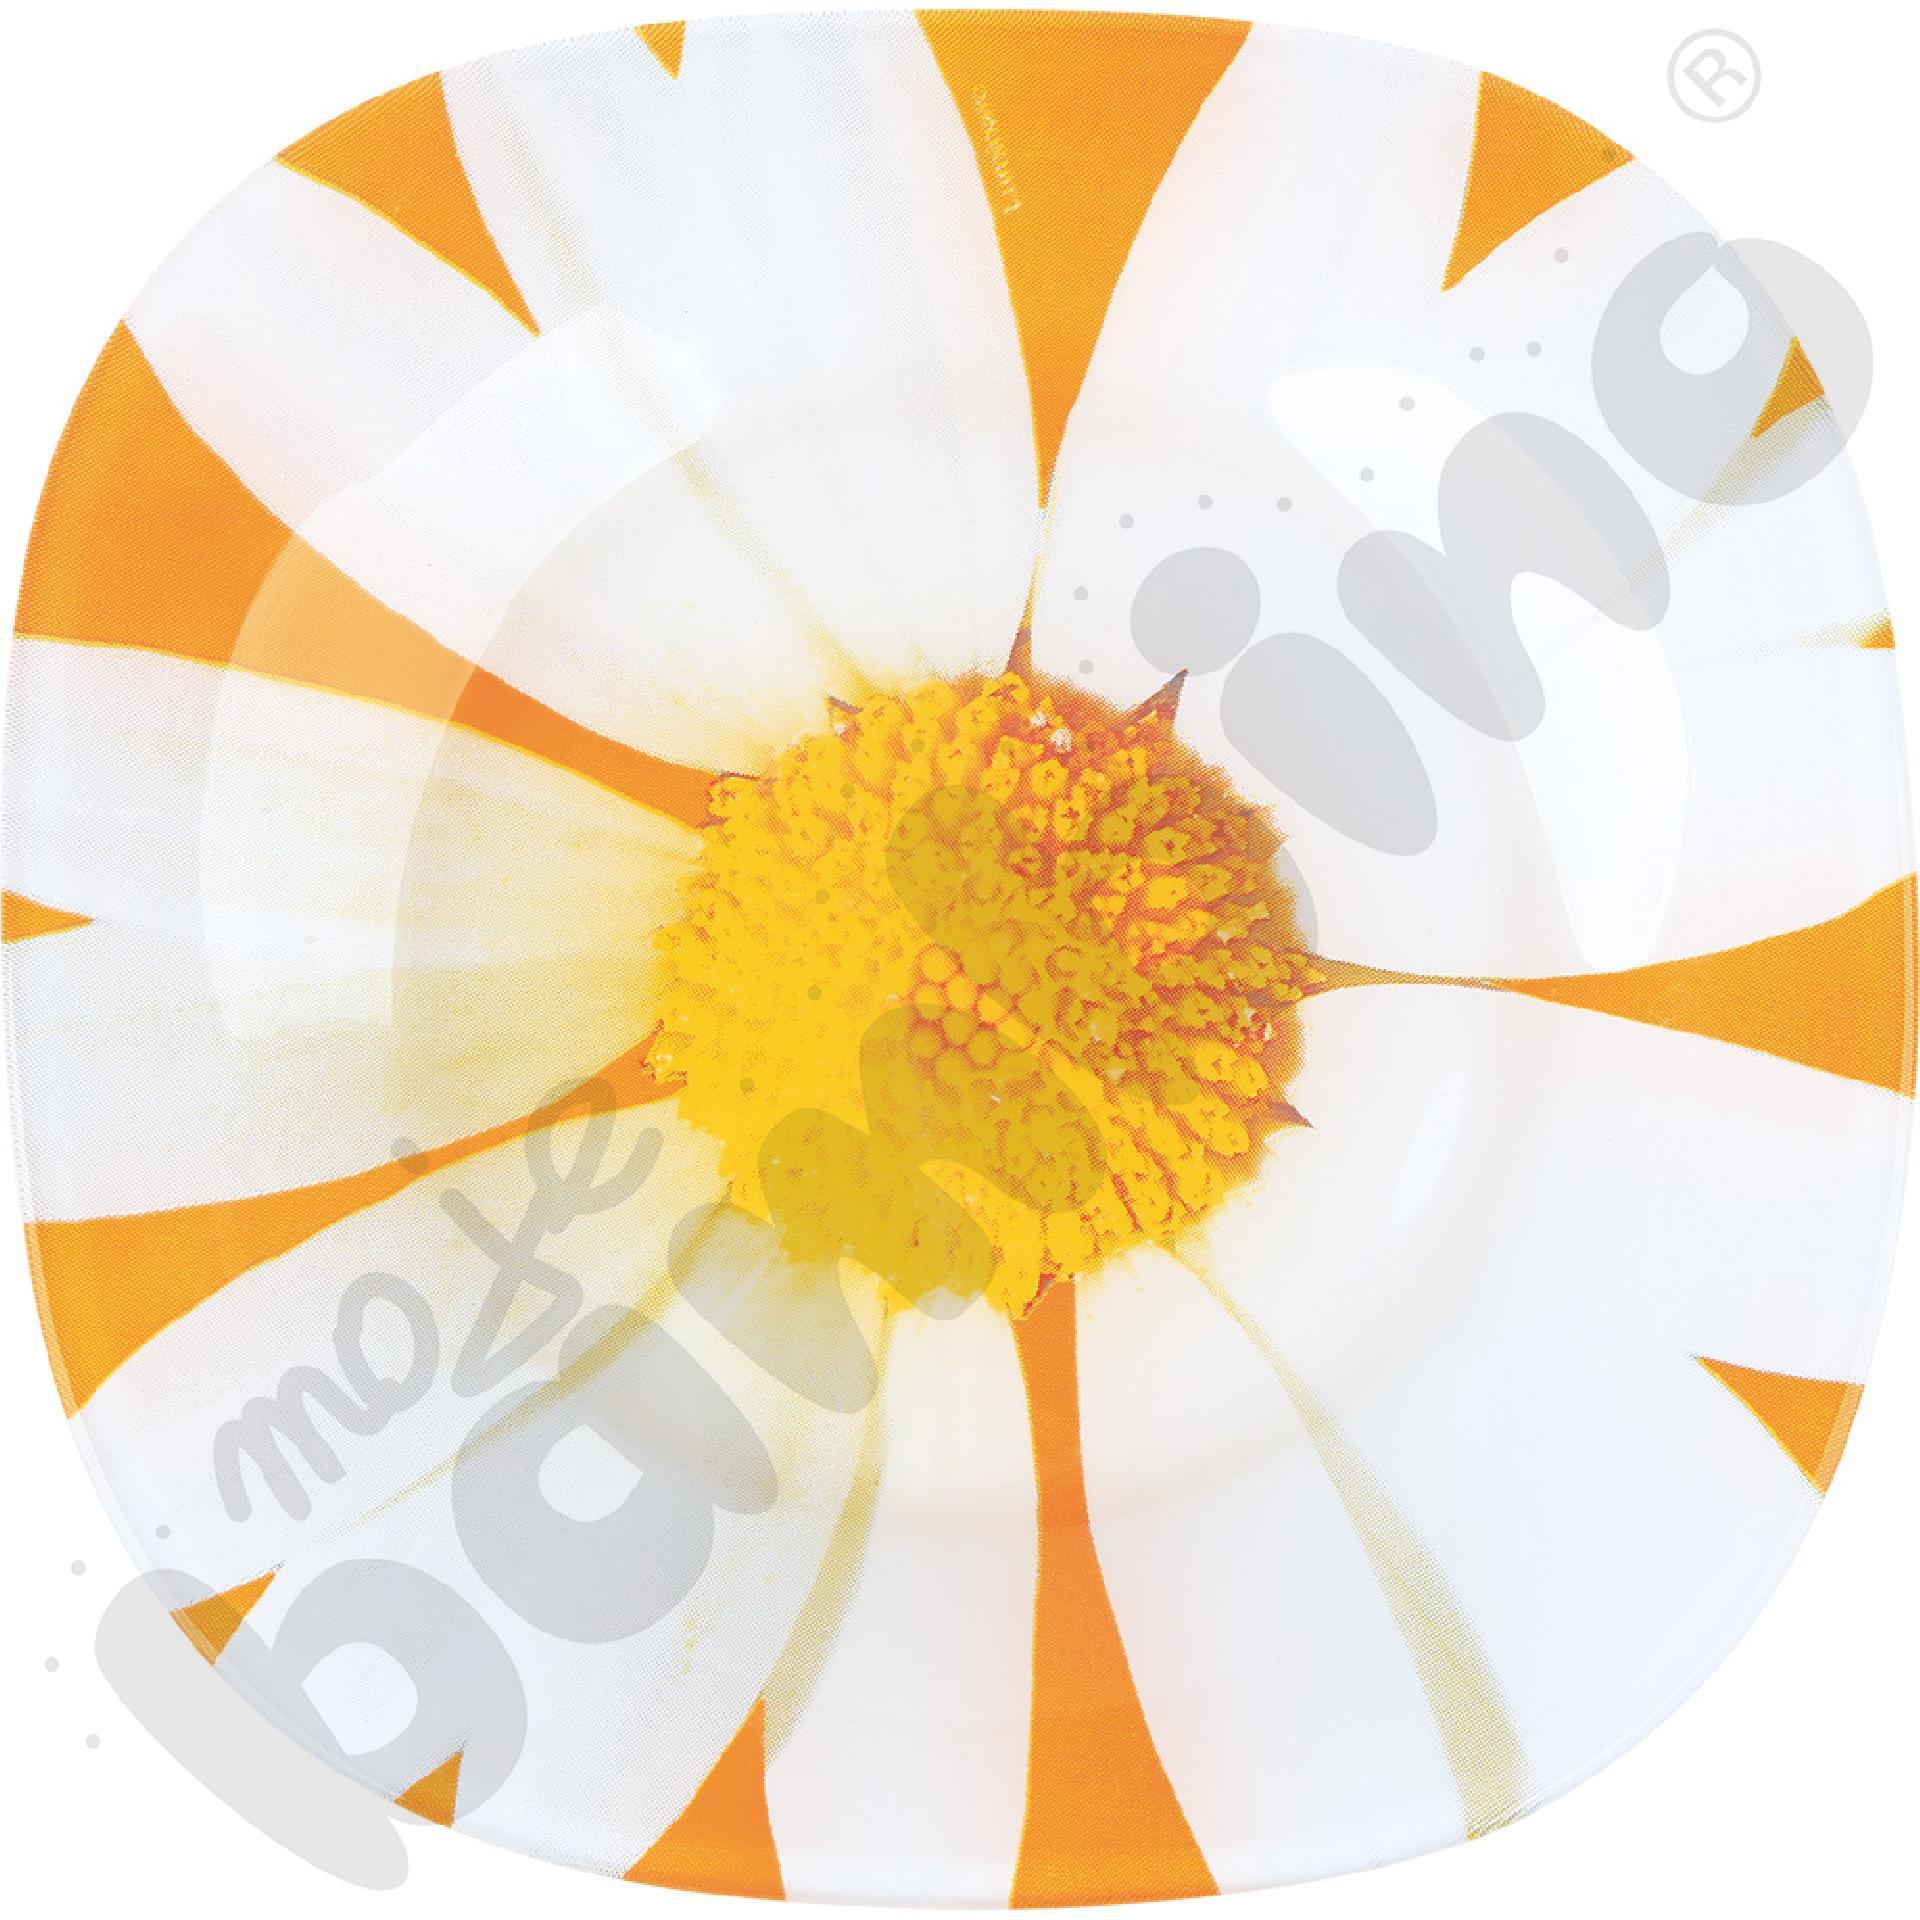 Talerz deserowy Paquerette pomarańczowy